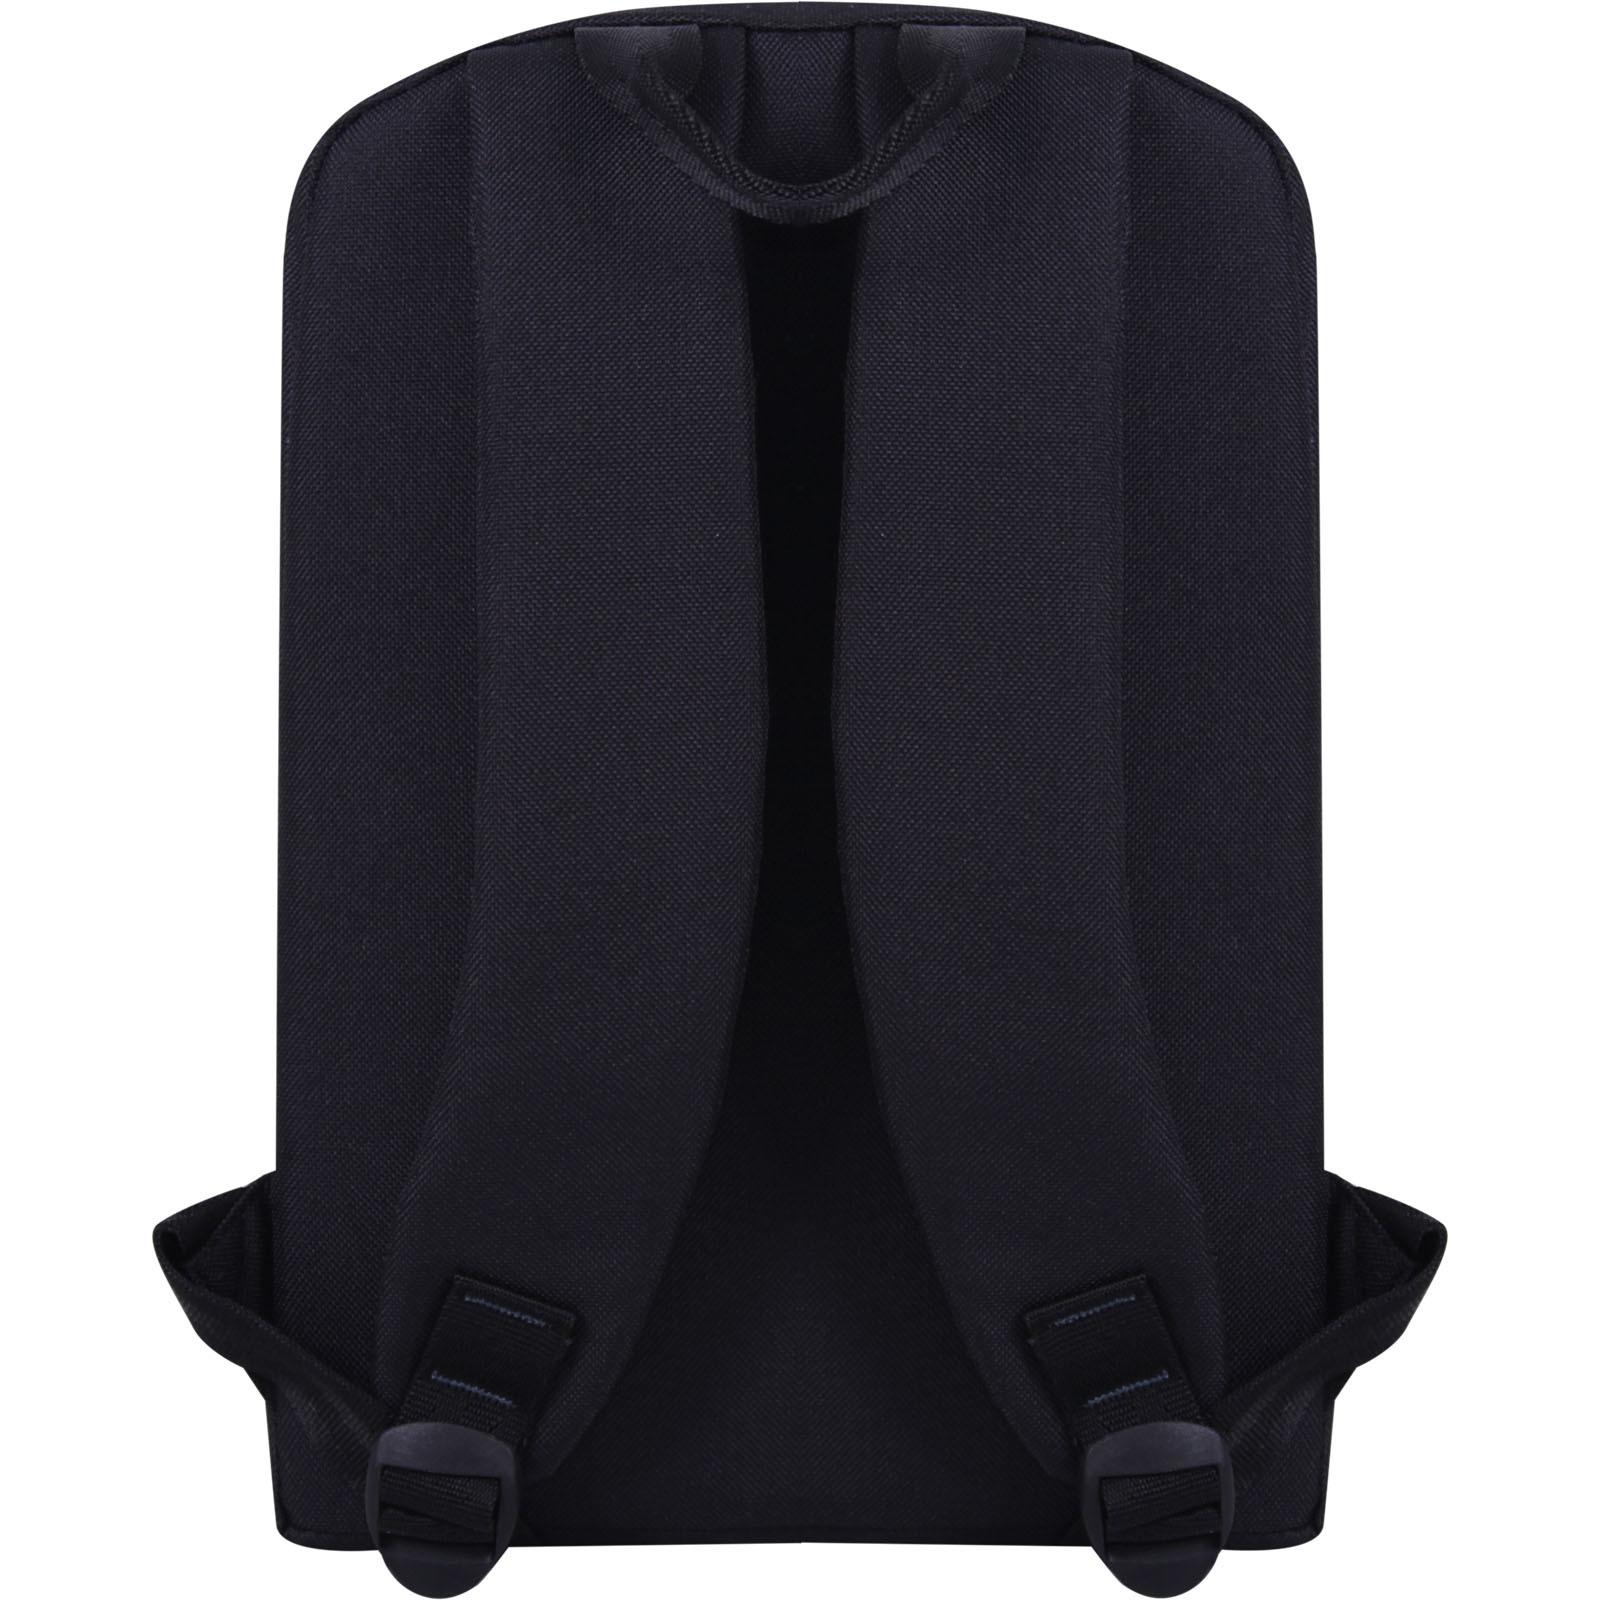 Рюкзак Bagland Молодежный mini 8 л. черный 752 (0050866) фото 3